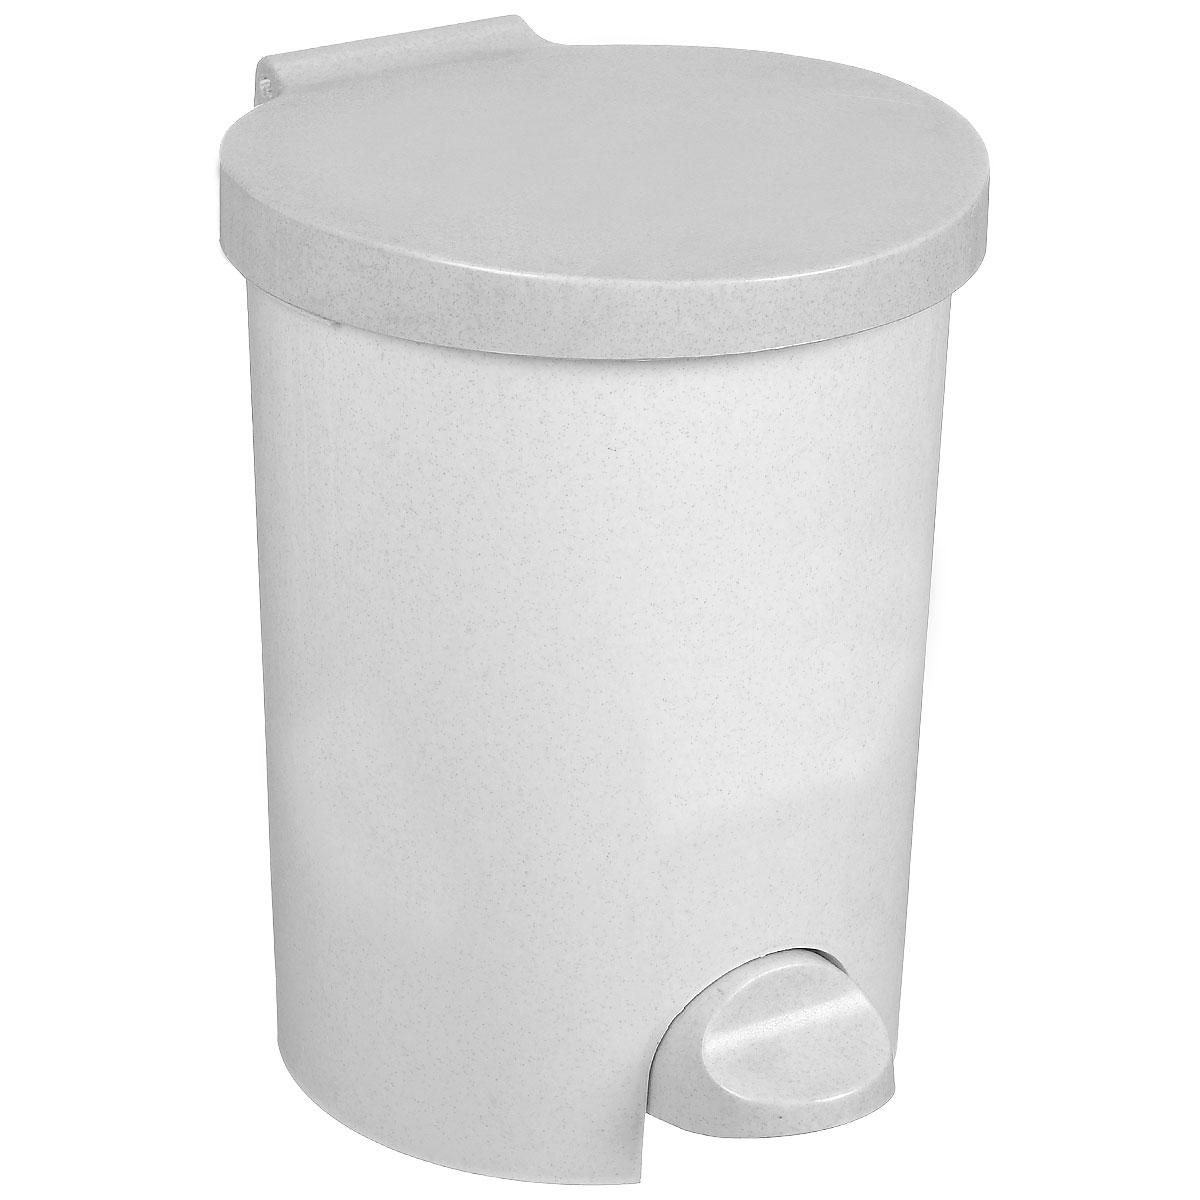 Контейнер для мусора Curver, с педалью, цвет: серый люкс (гранит), 15 л68/5/2Контейнер для мусора Curver изготовлен из высококачественного пластика. Контейнер оснащен педалью, с помощью которой можно открыть крышку. Закрывается крышка бесшумно, плотно прилегает, предотвращая распространение запаха. Бороться с мелким мусором станет легко. Внутри ведро с ручкой, которое при необходимости можно достать из контейнера. Благодаря лаконичному дизайну такой контейнер идеально впишется в интерьер и дома, и офиса.